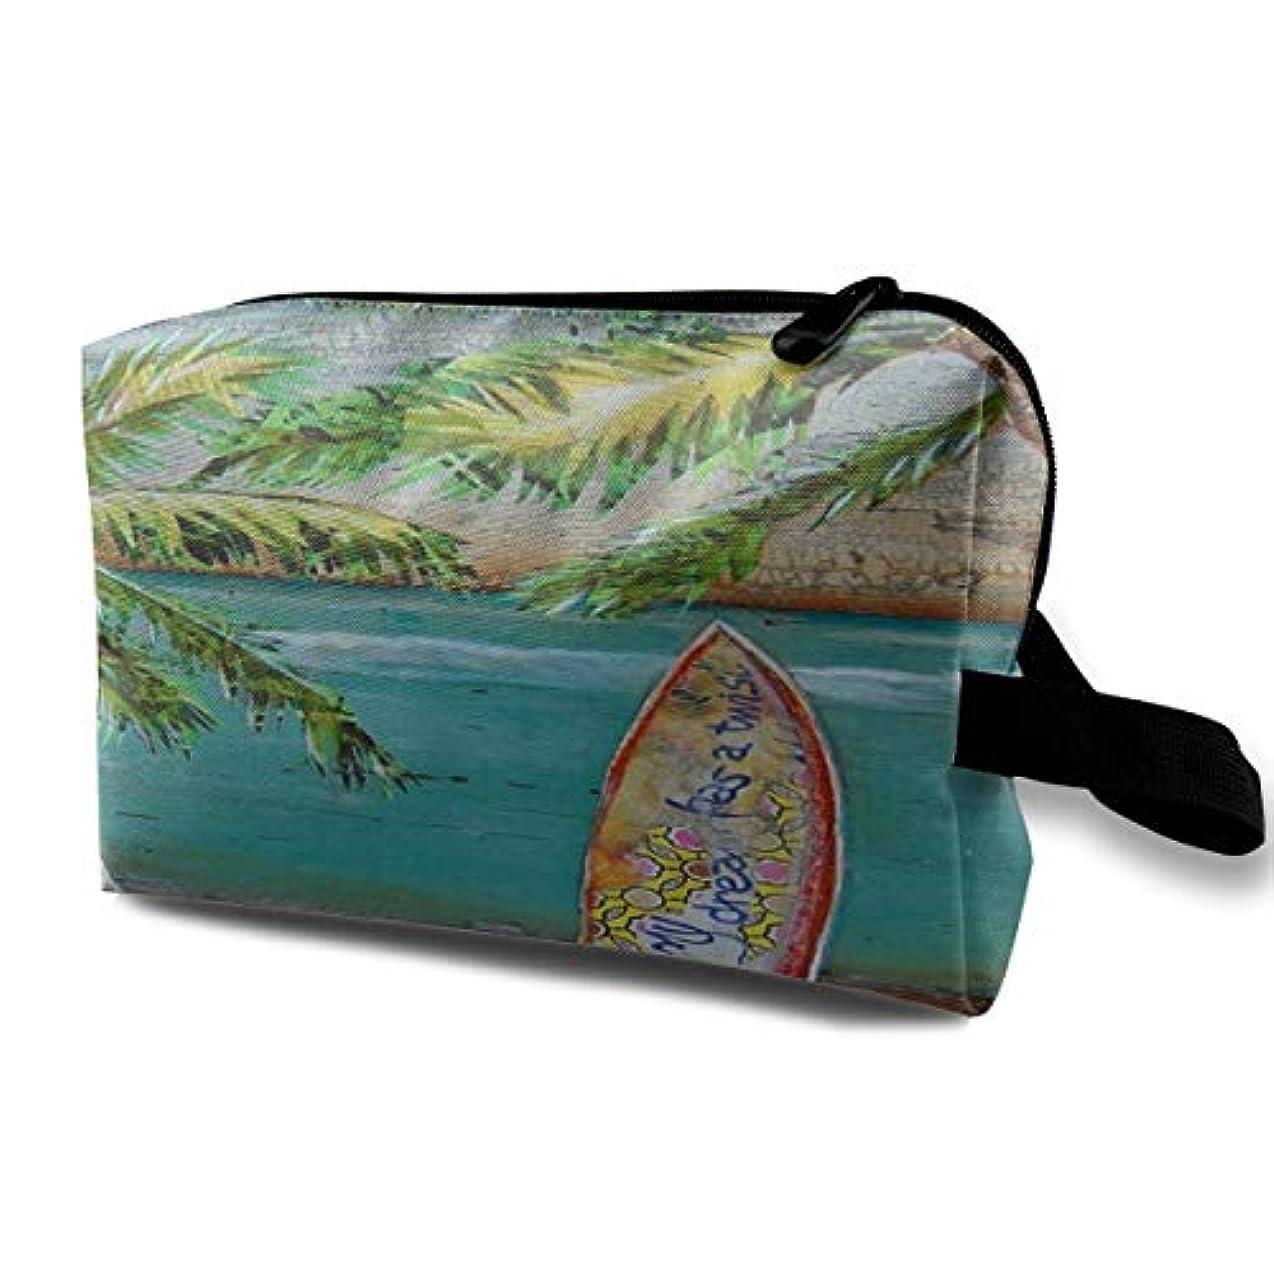 コーヒーハイキング警報Beach Collage Surf Art 収納ポーチ 化粧ポーチ 大容量 軽量 耐久性 ハンドル付持ち運び便利。入れ 自宅?出張?旅行?アウトドア撮影などに対応。メンズ レディース トラベルグッズ